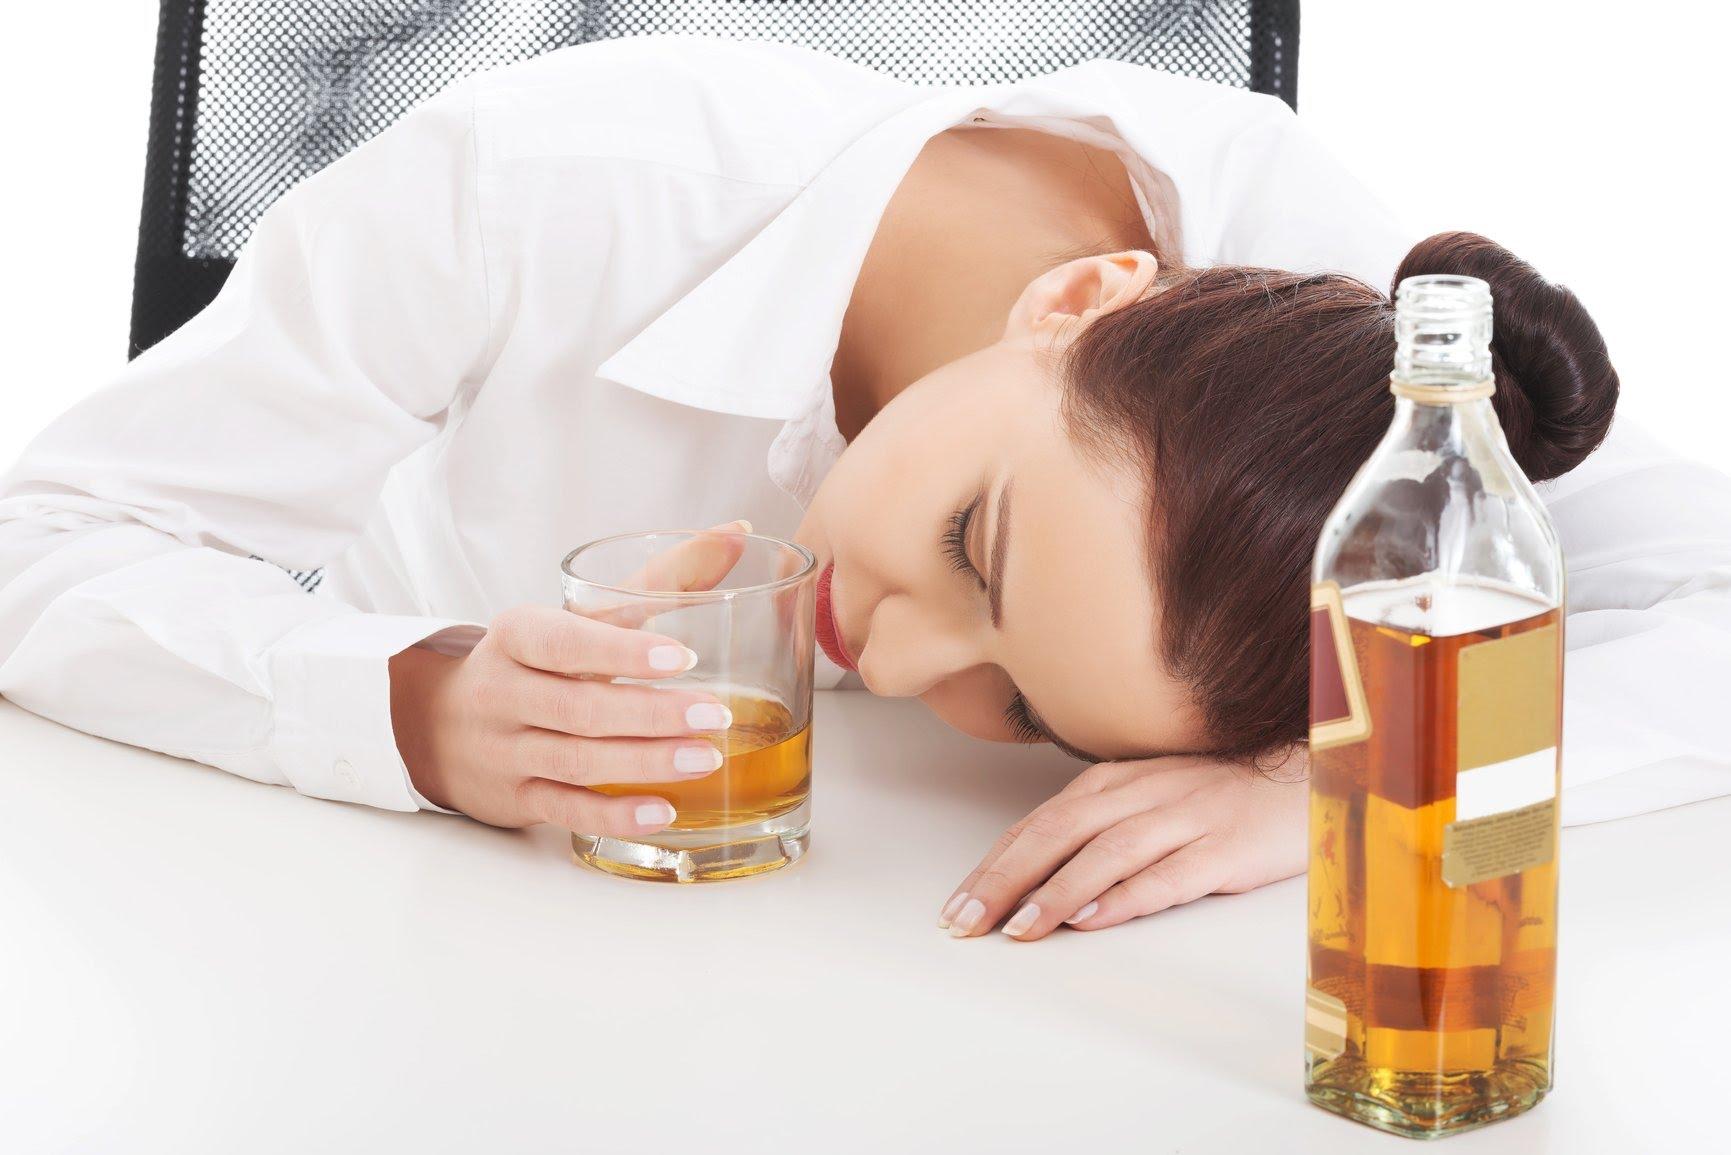 Специалисты не рекомендуют резко отказываться от спиртного, делать это следует постепенно